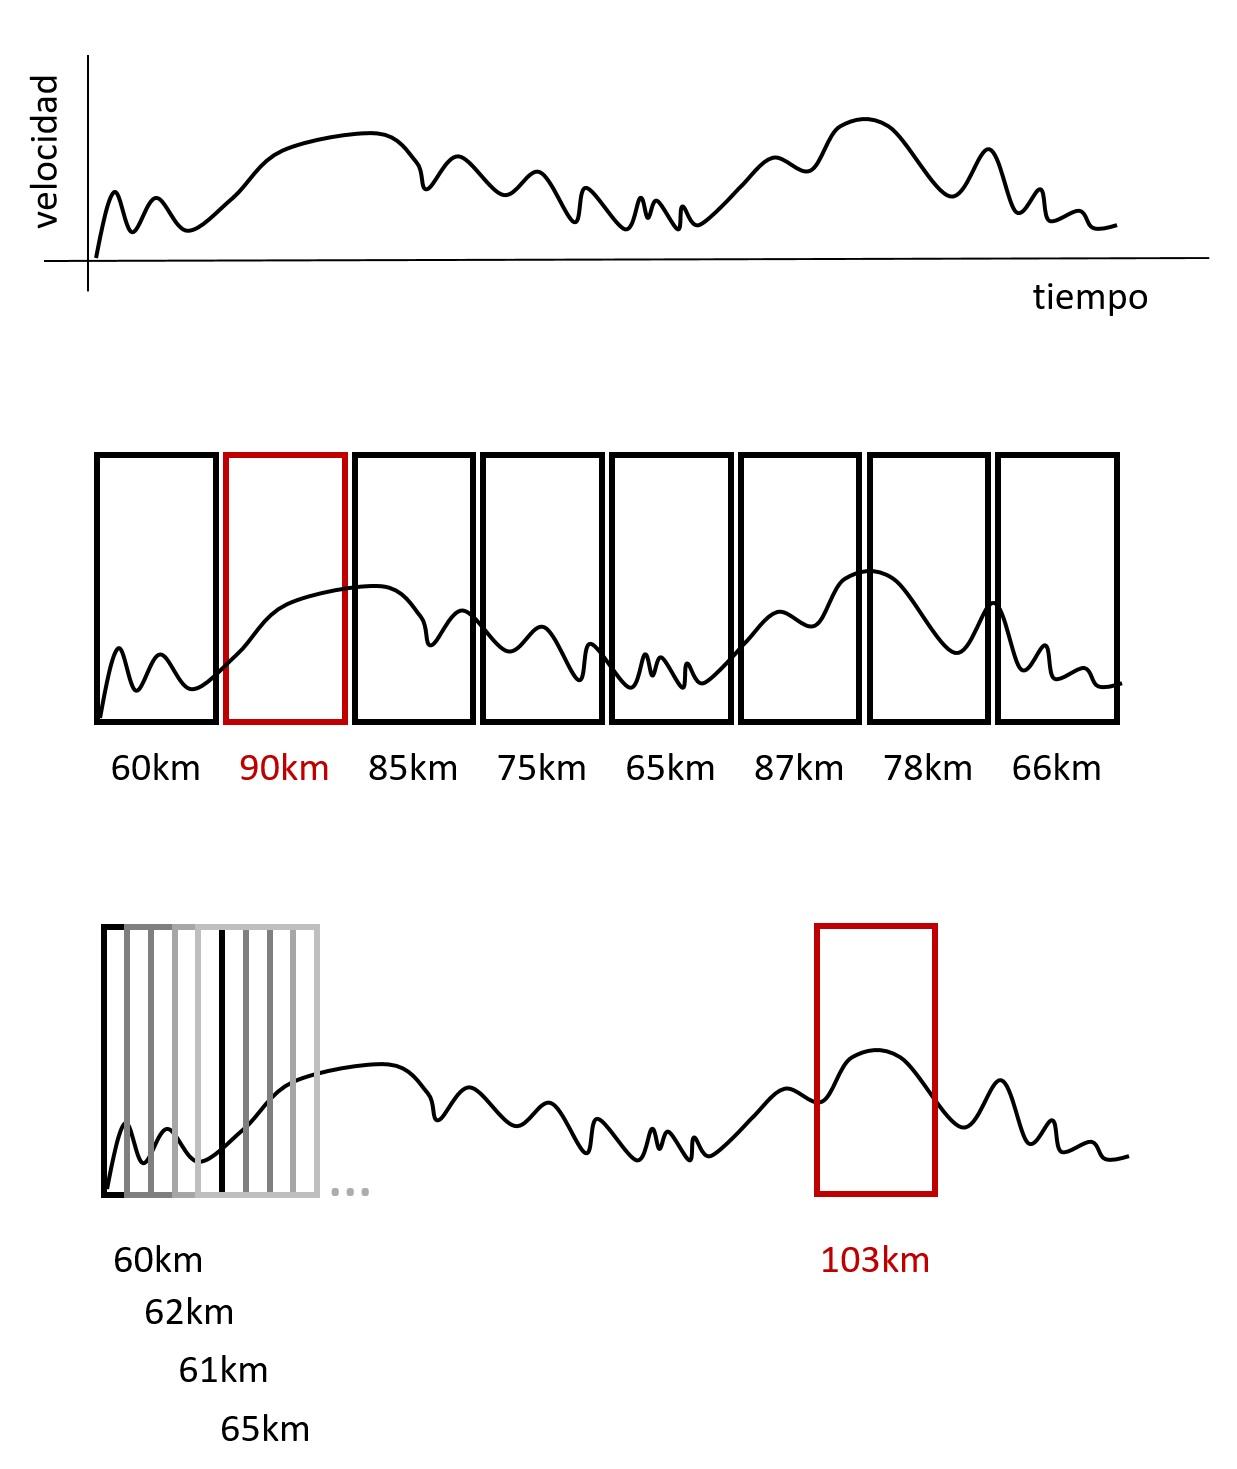 Ejemplo con períodos de longitud fija (de 8:00 a 9:00, de 9:00 a 10:00…) y períodos móviles (de 8:00 a 9:00, de 8:01 a 9:01, de 8:02 a 9:02…).